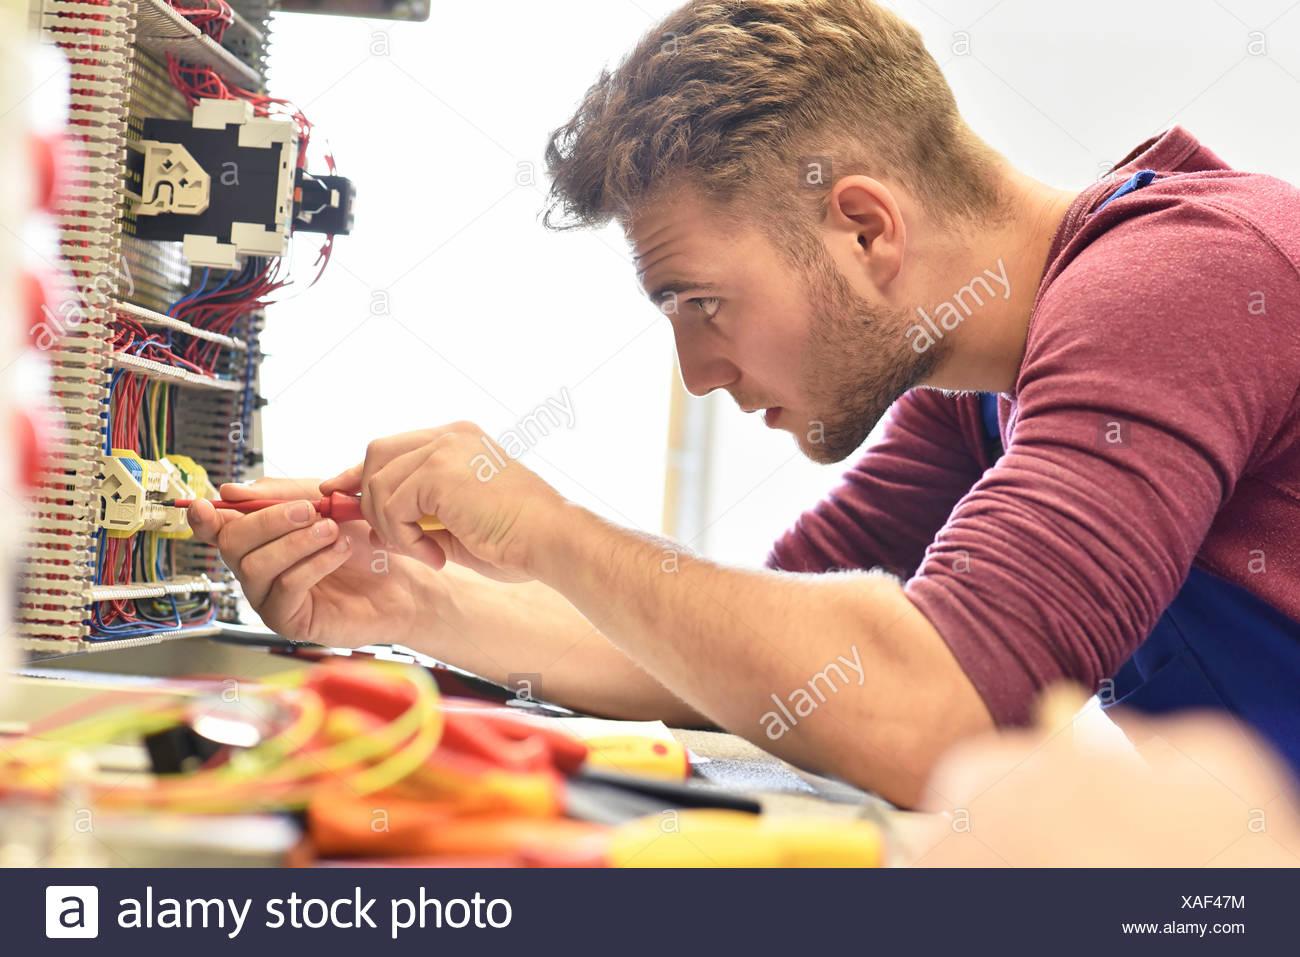 Elektriker-Schüler arbeiten am Schaltschrank Stockbild